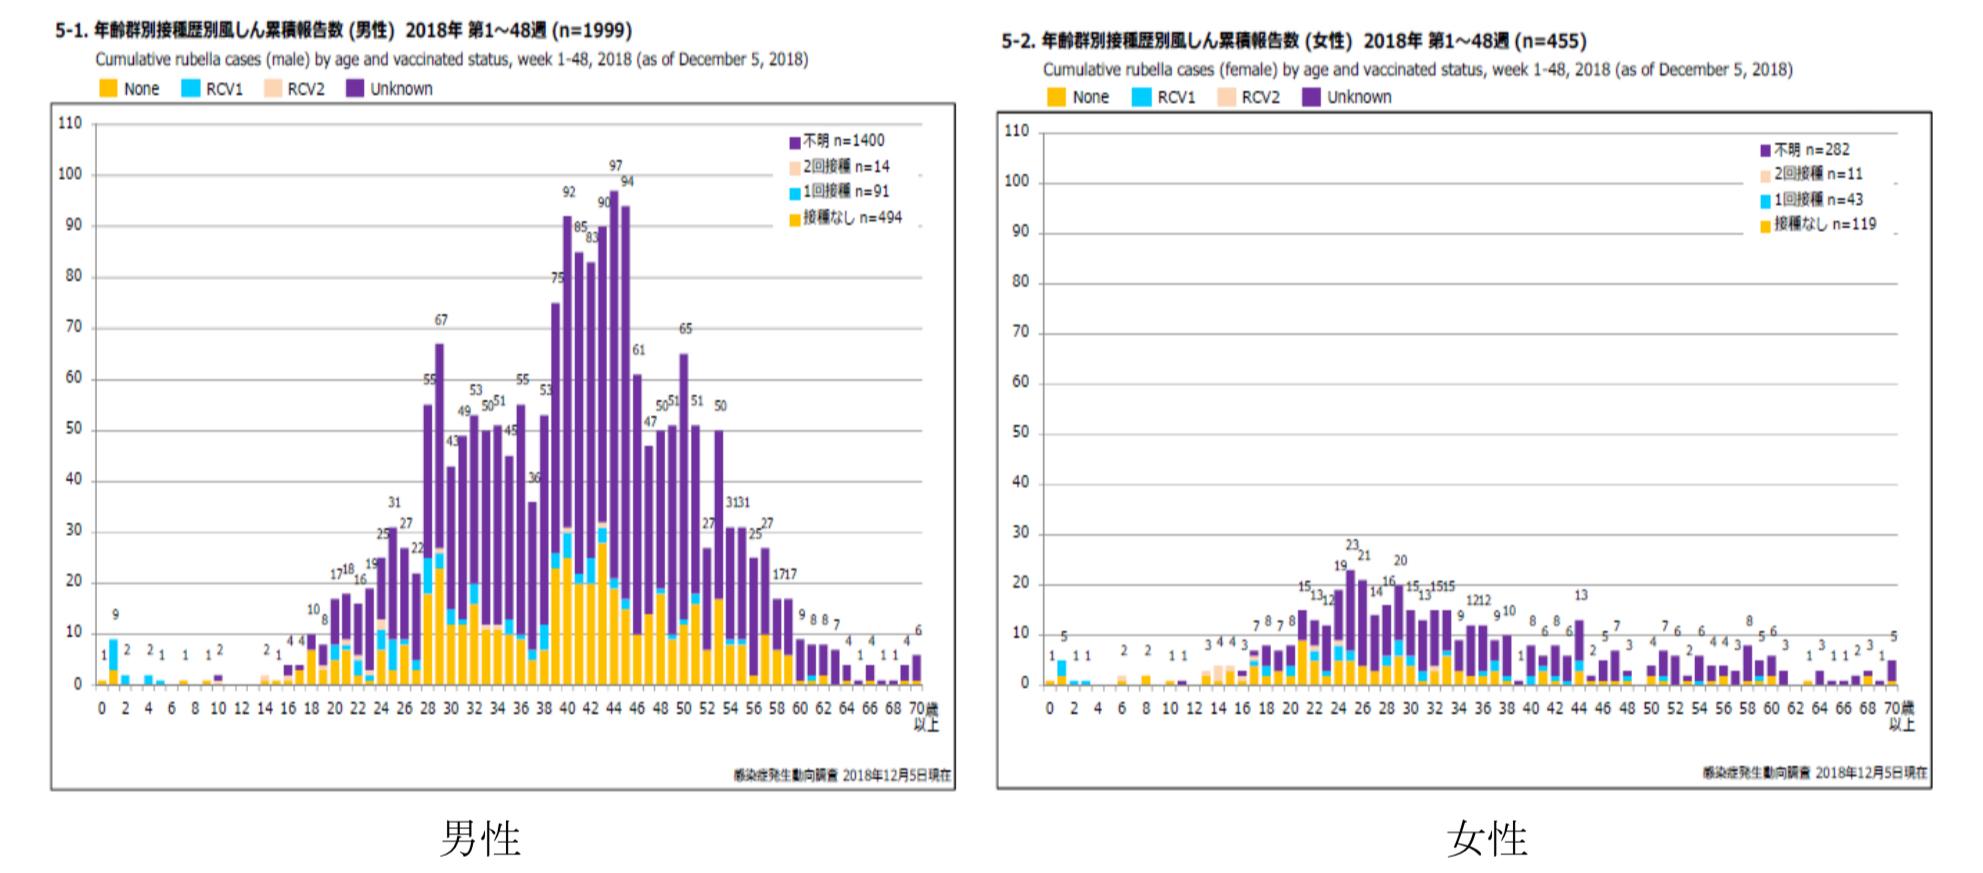 2018年罹患の風疹における男女別年齢分布